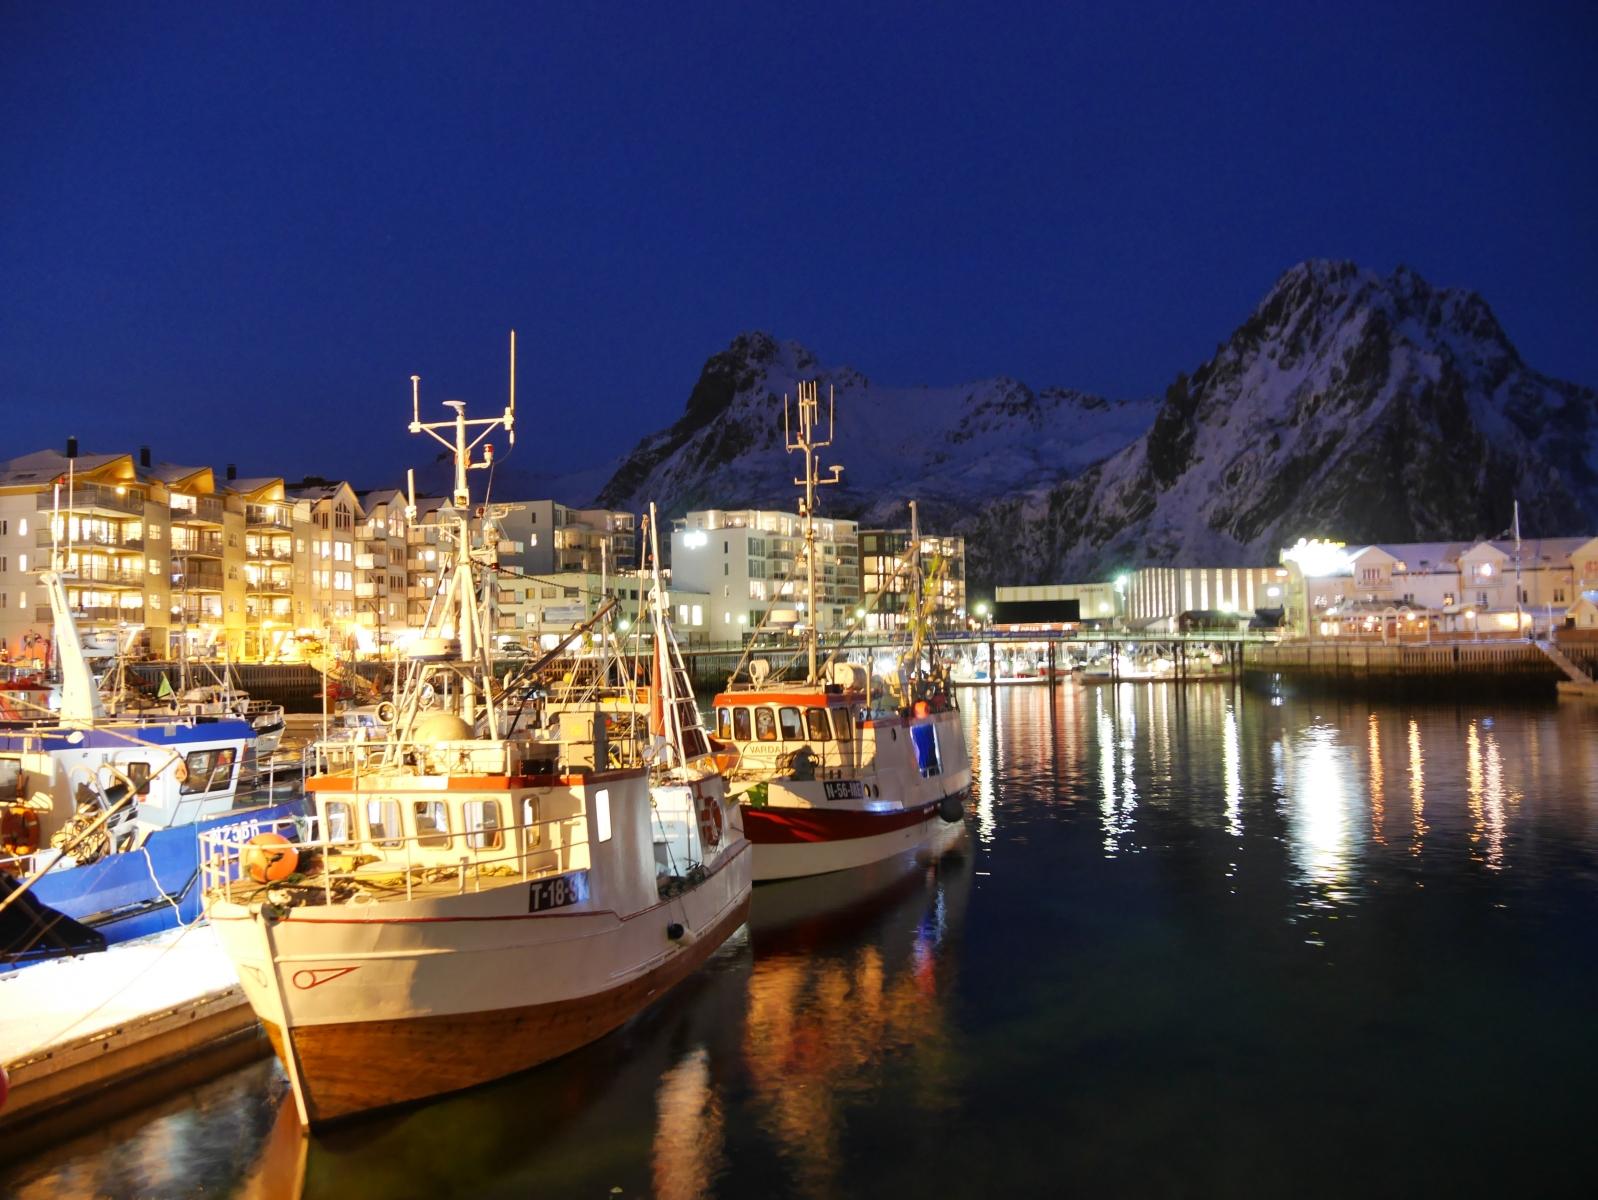 Der Hafen Svolvaer am Abend